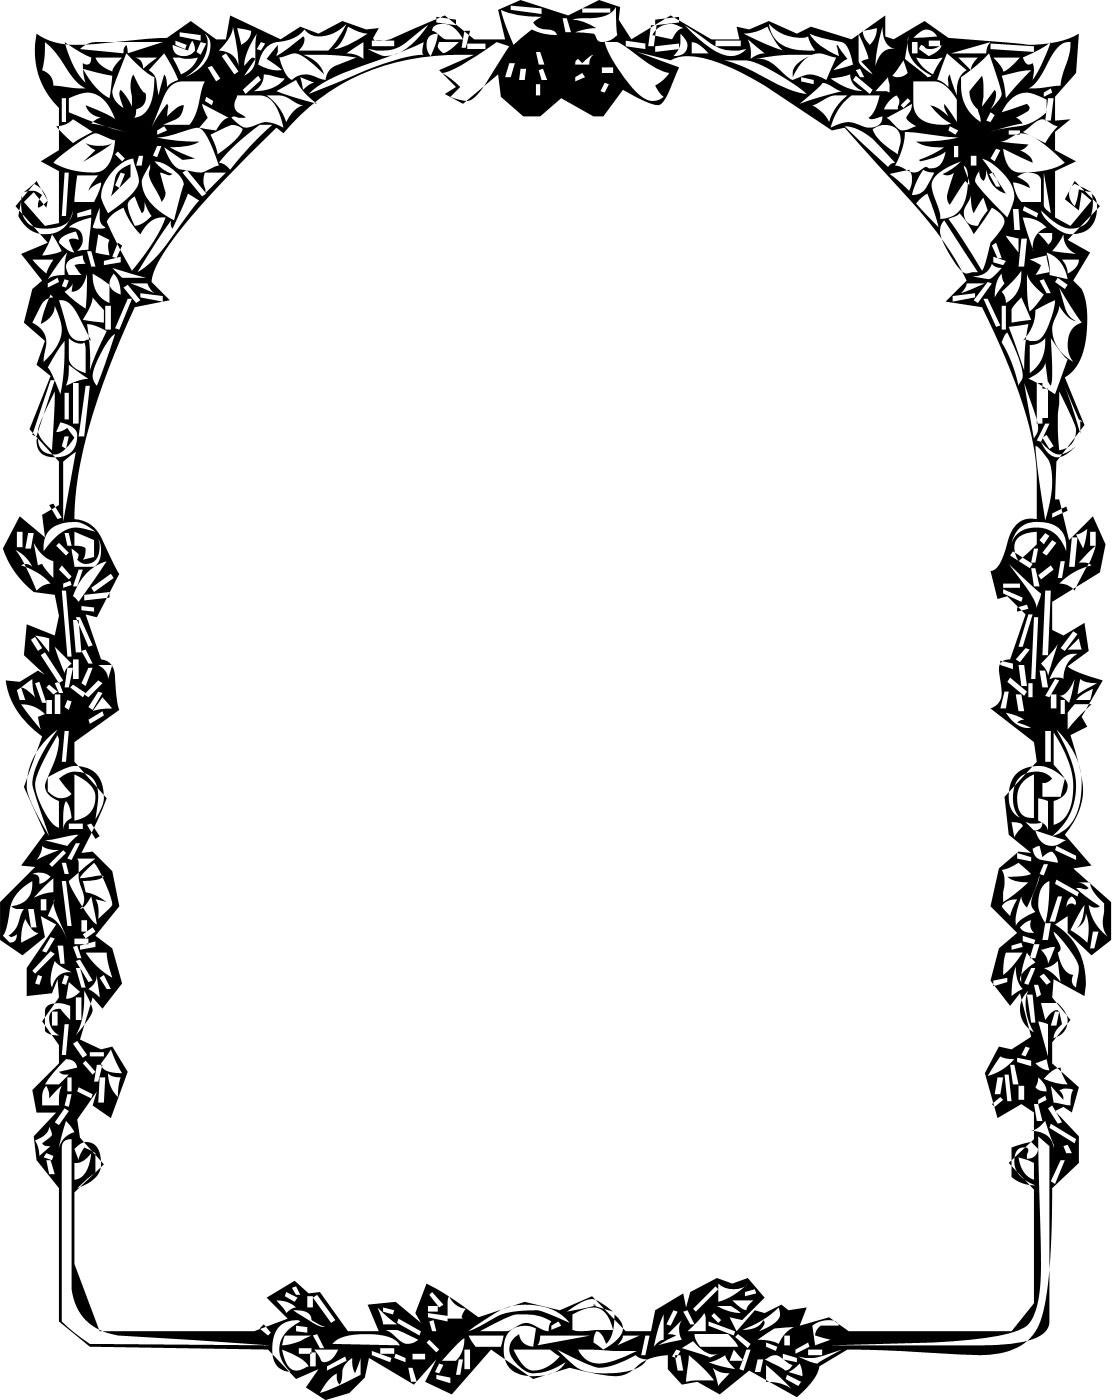 白黒・モノクロの花のイラスト『フレーム枠』/無料のフリー素材集【百花